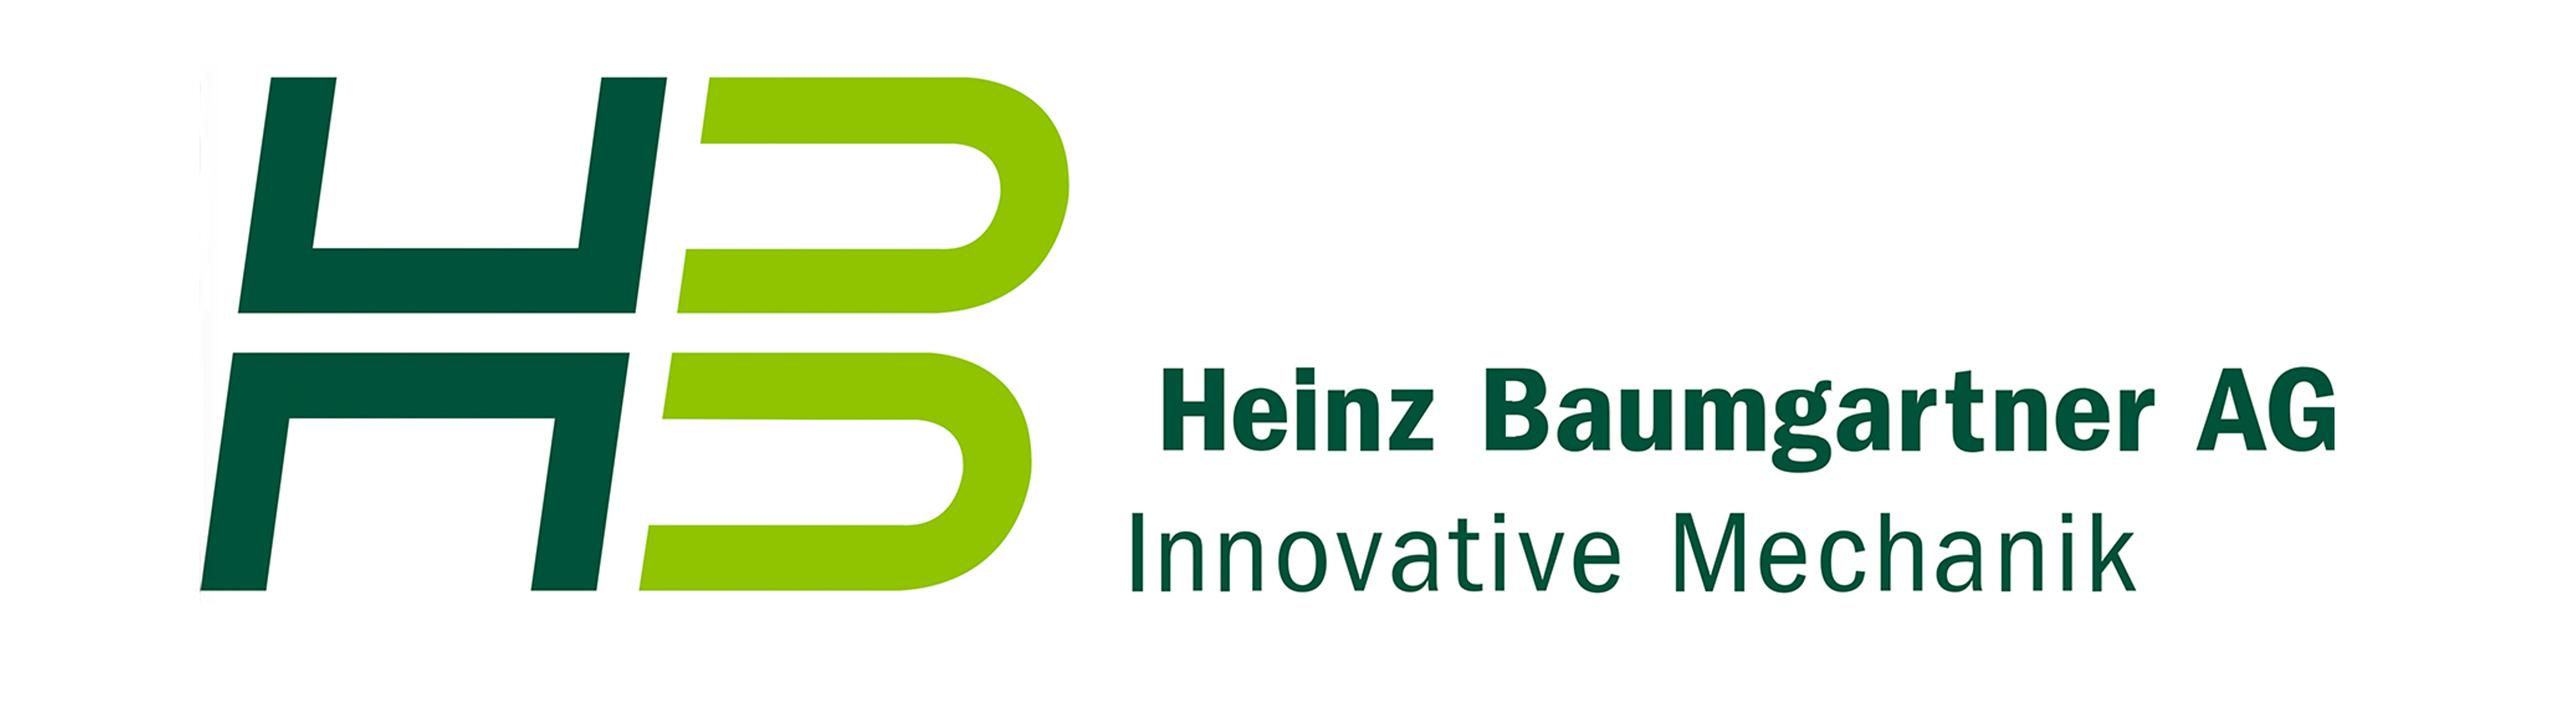 HeinzBaumgartnerLogo_HPajpg